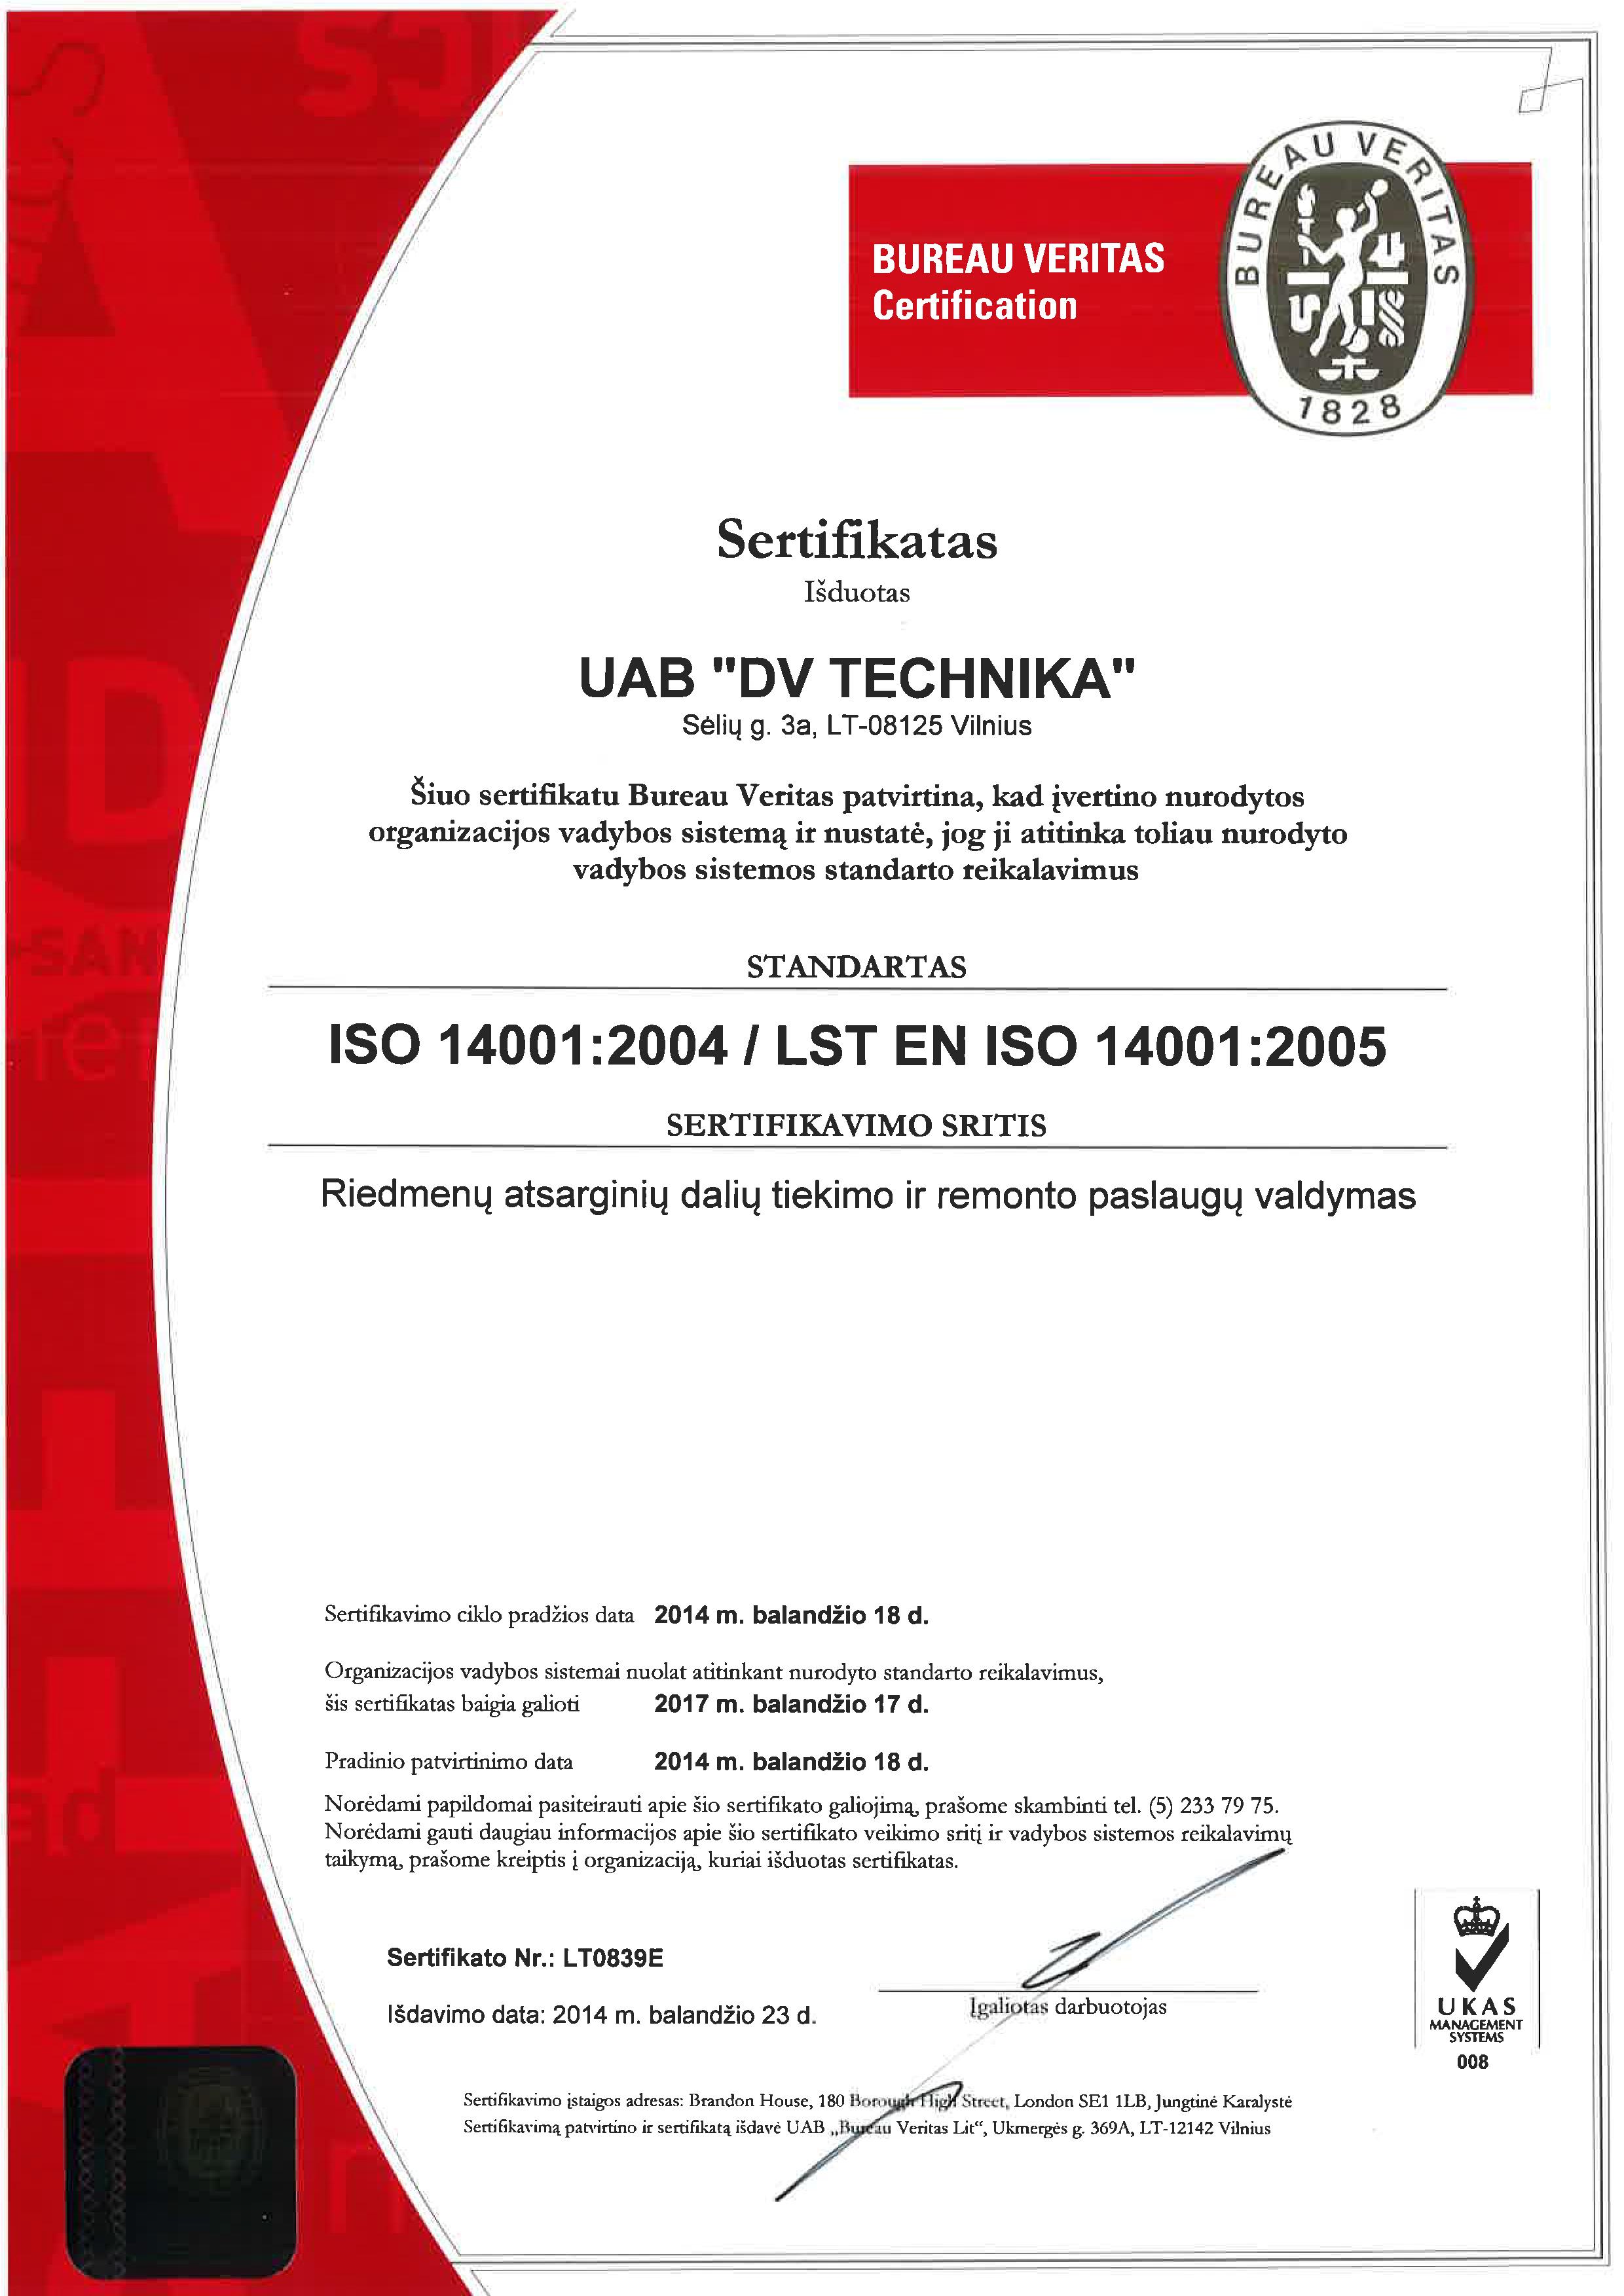 ISO 14001 2004 LST EN ISO 14001 2005 SERTIFIKATAS